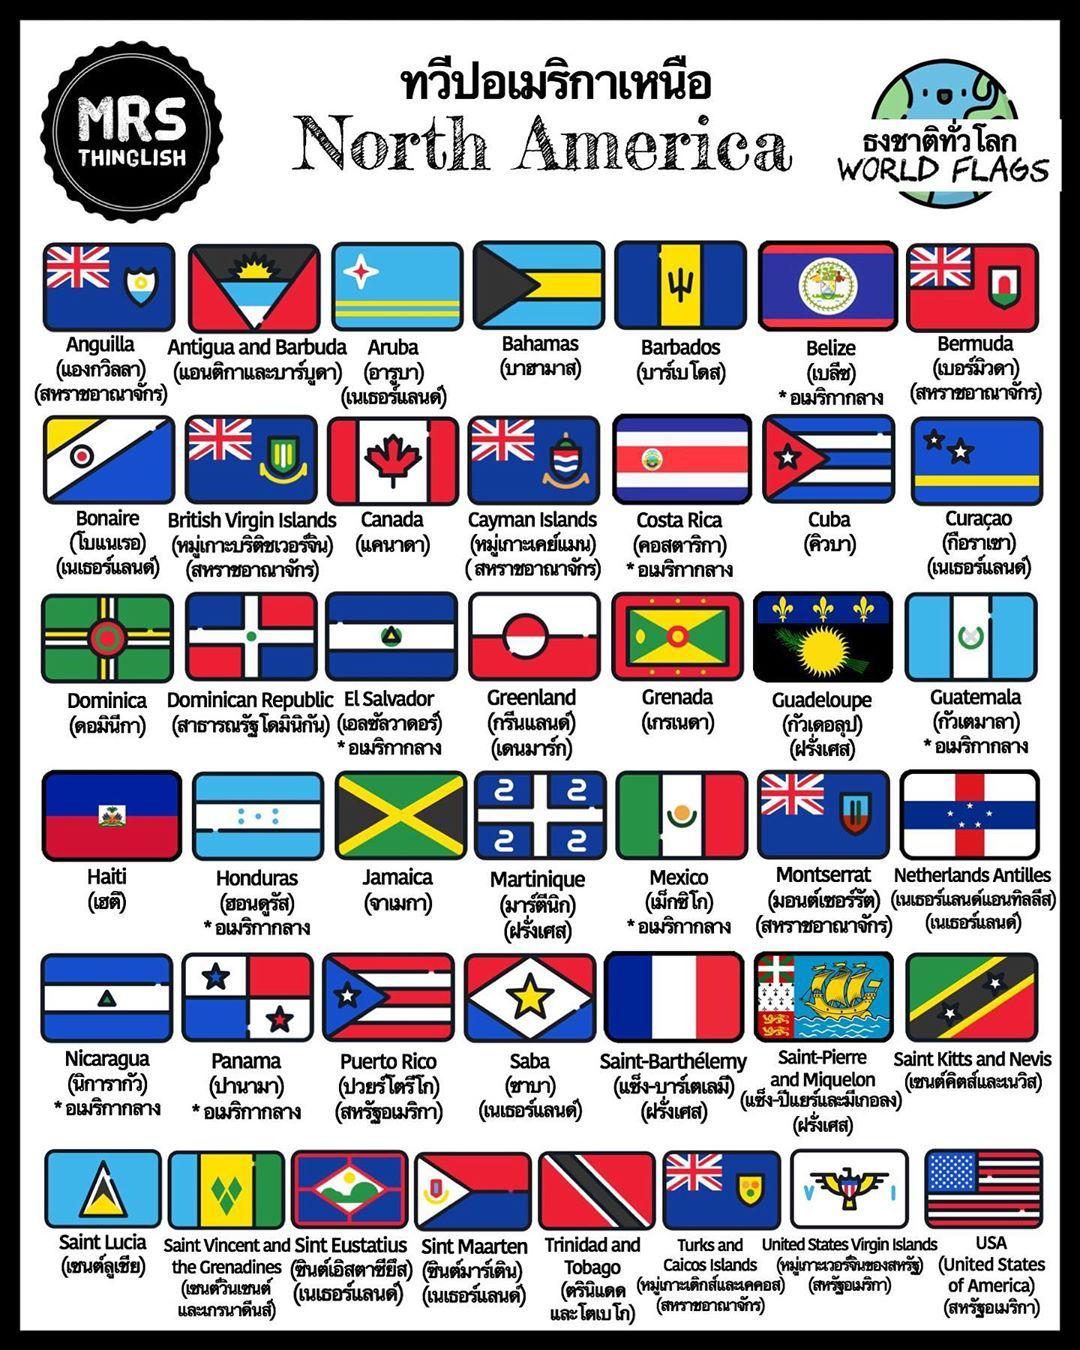 World Flags North America ธงชาต ท วโลก ทว ปอเมร กาเหน อ Mrsthinglish English อ งกฤษ ภาษาอ งกฤษ Learnen เร ยนภาษาอ งกฤษ คำคมการเร ยน คำศ พท ภาษาอ งกฤษ